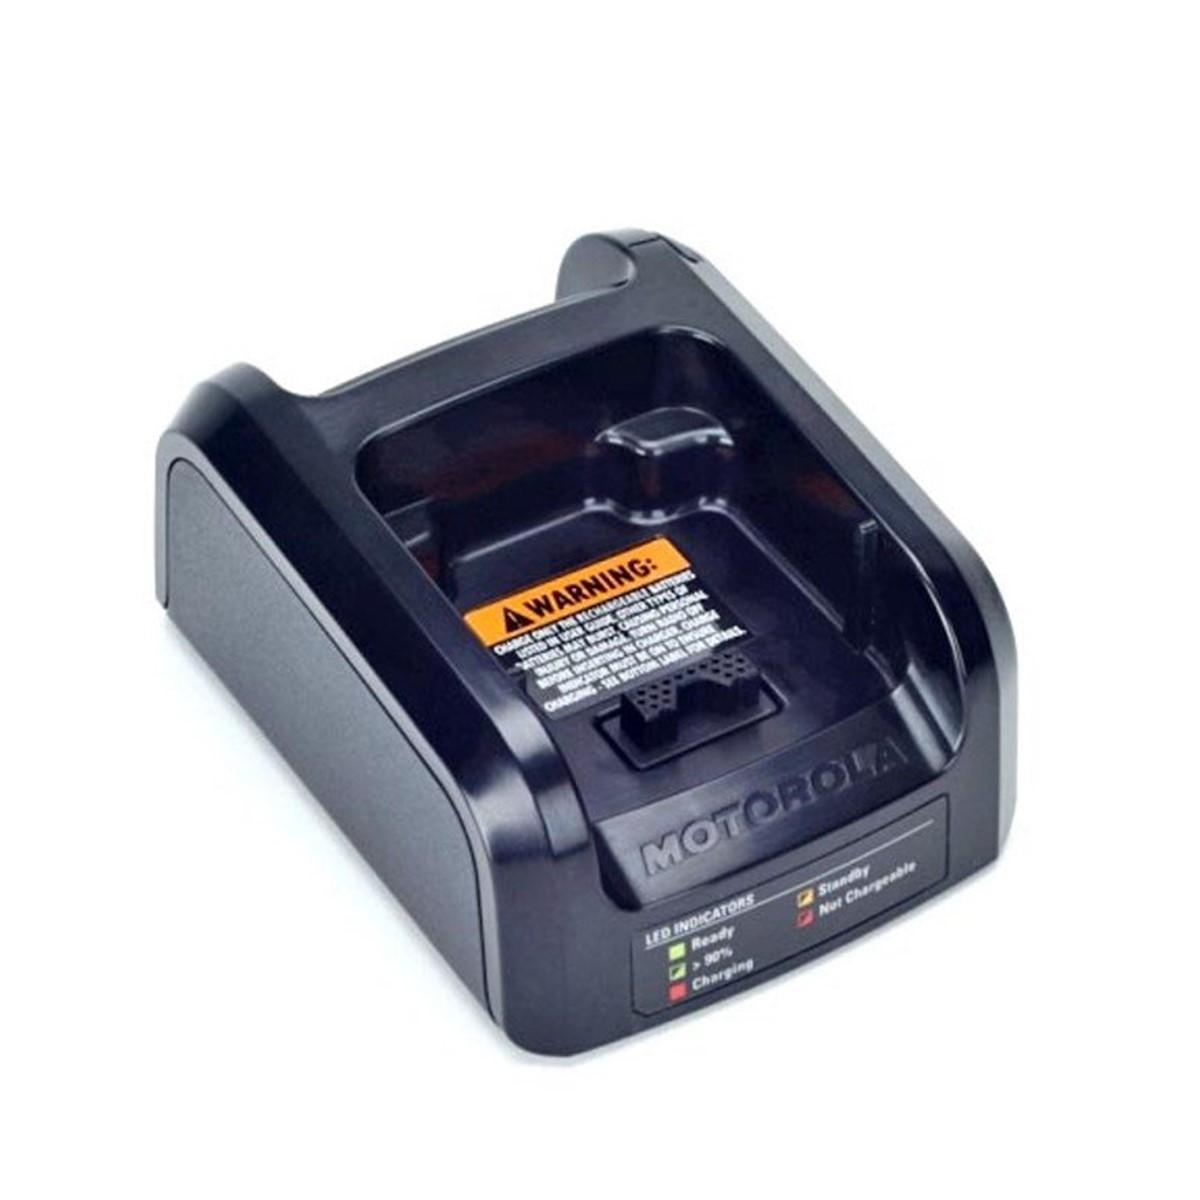 Cargador doble unidad Motorola NNTN8244 para radio MTP3550 TETRA